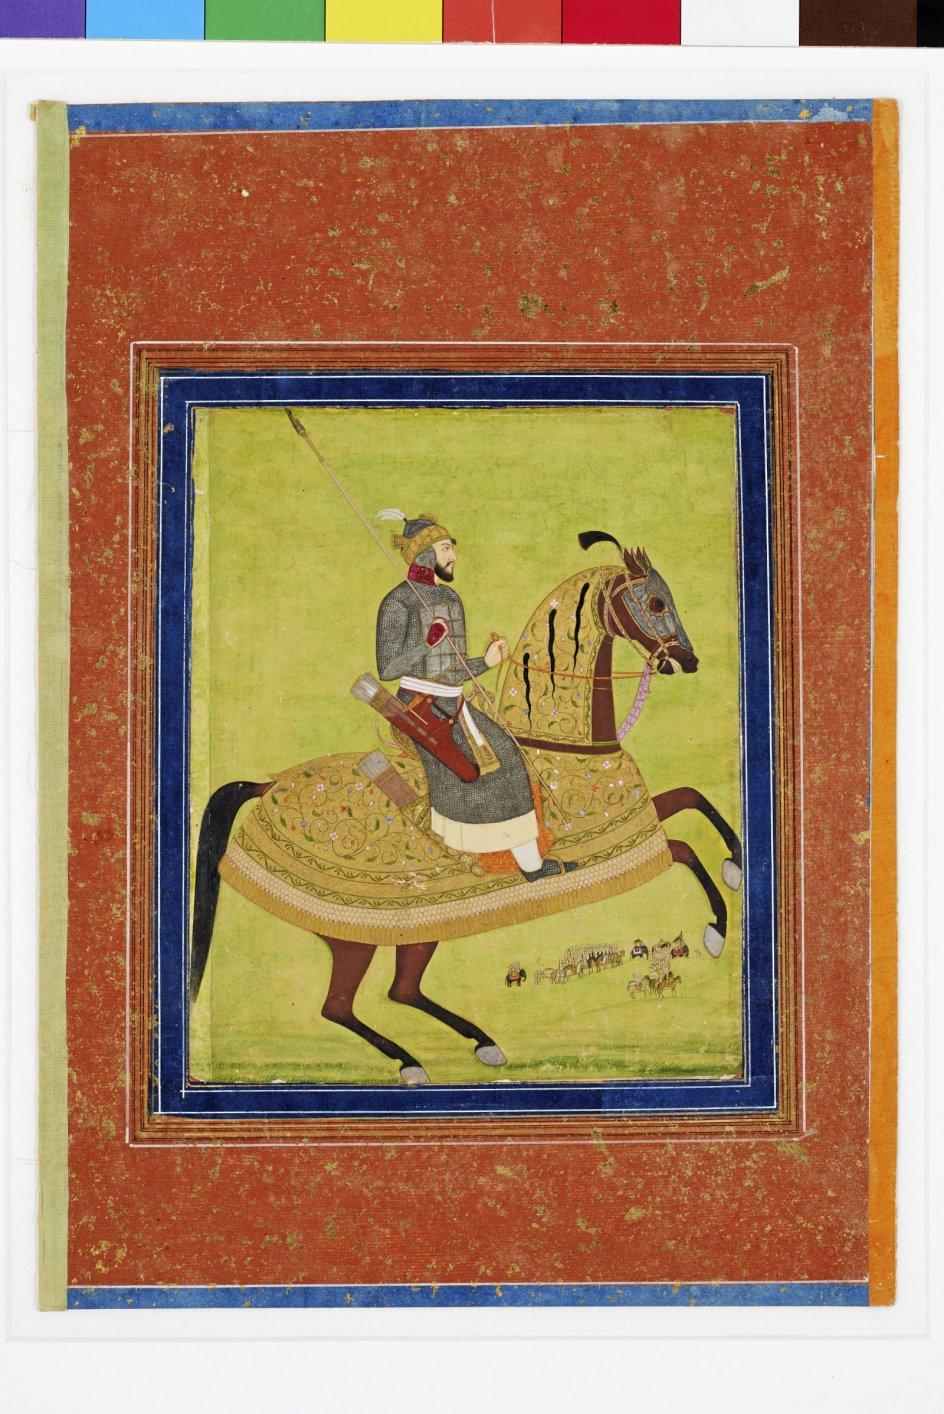 Den indiske prins Azam Shah til hest, i fuld udrustning. Buen er et særligt brugt islamisk våben, og prinsen er da også klar til kamp med sit pilekogger. – Foto: Pernille Klemp/Davids Samling.